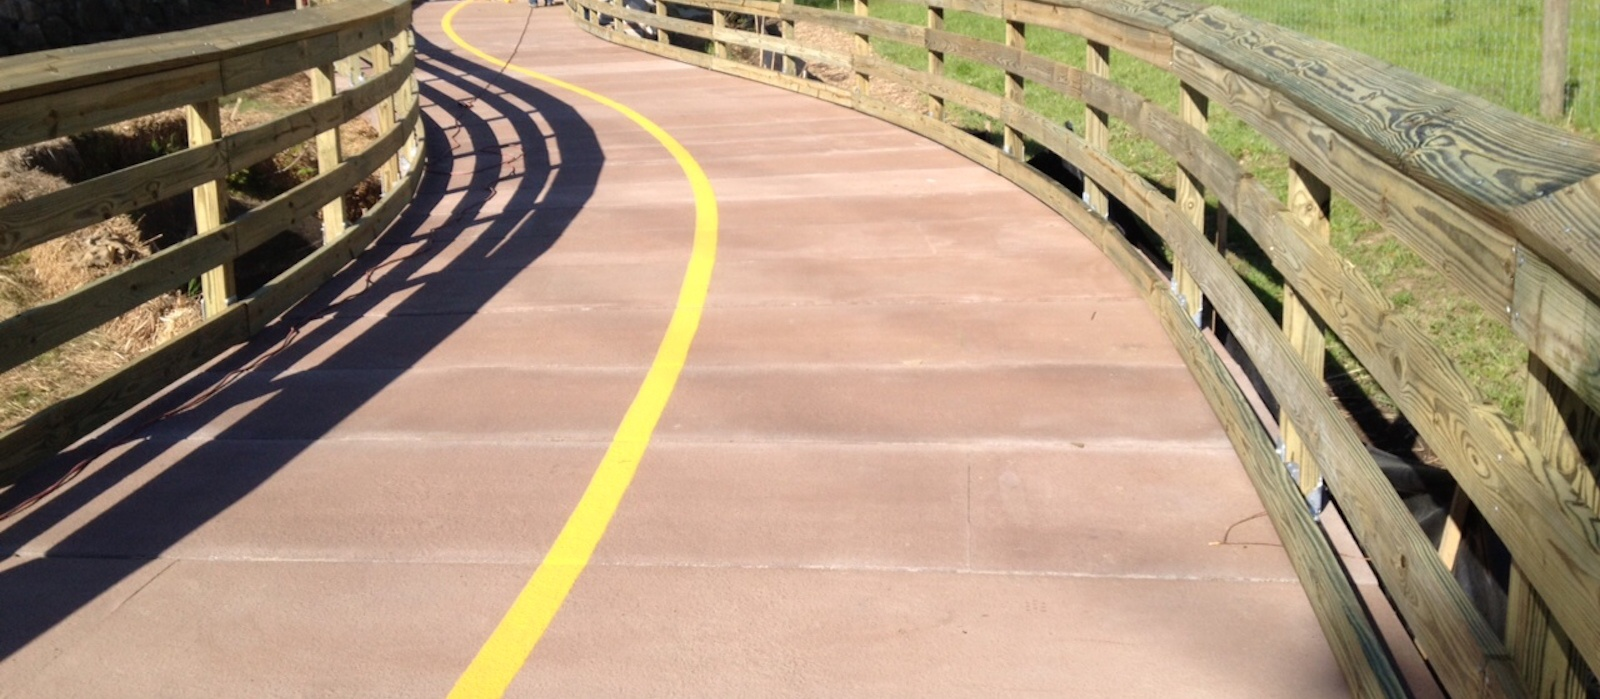 Hadley_Bike_Trail_looking_west_uphill_1.jpg